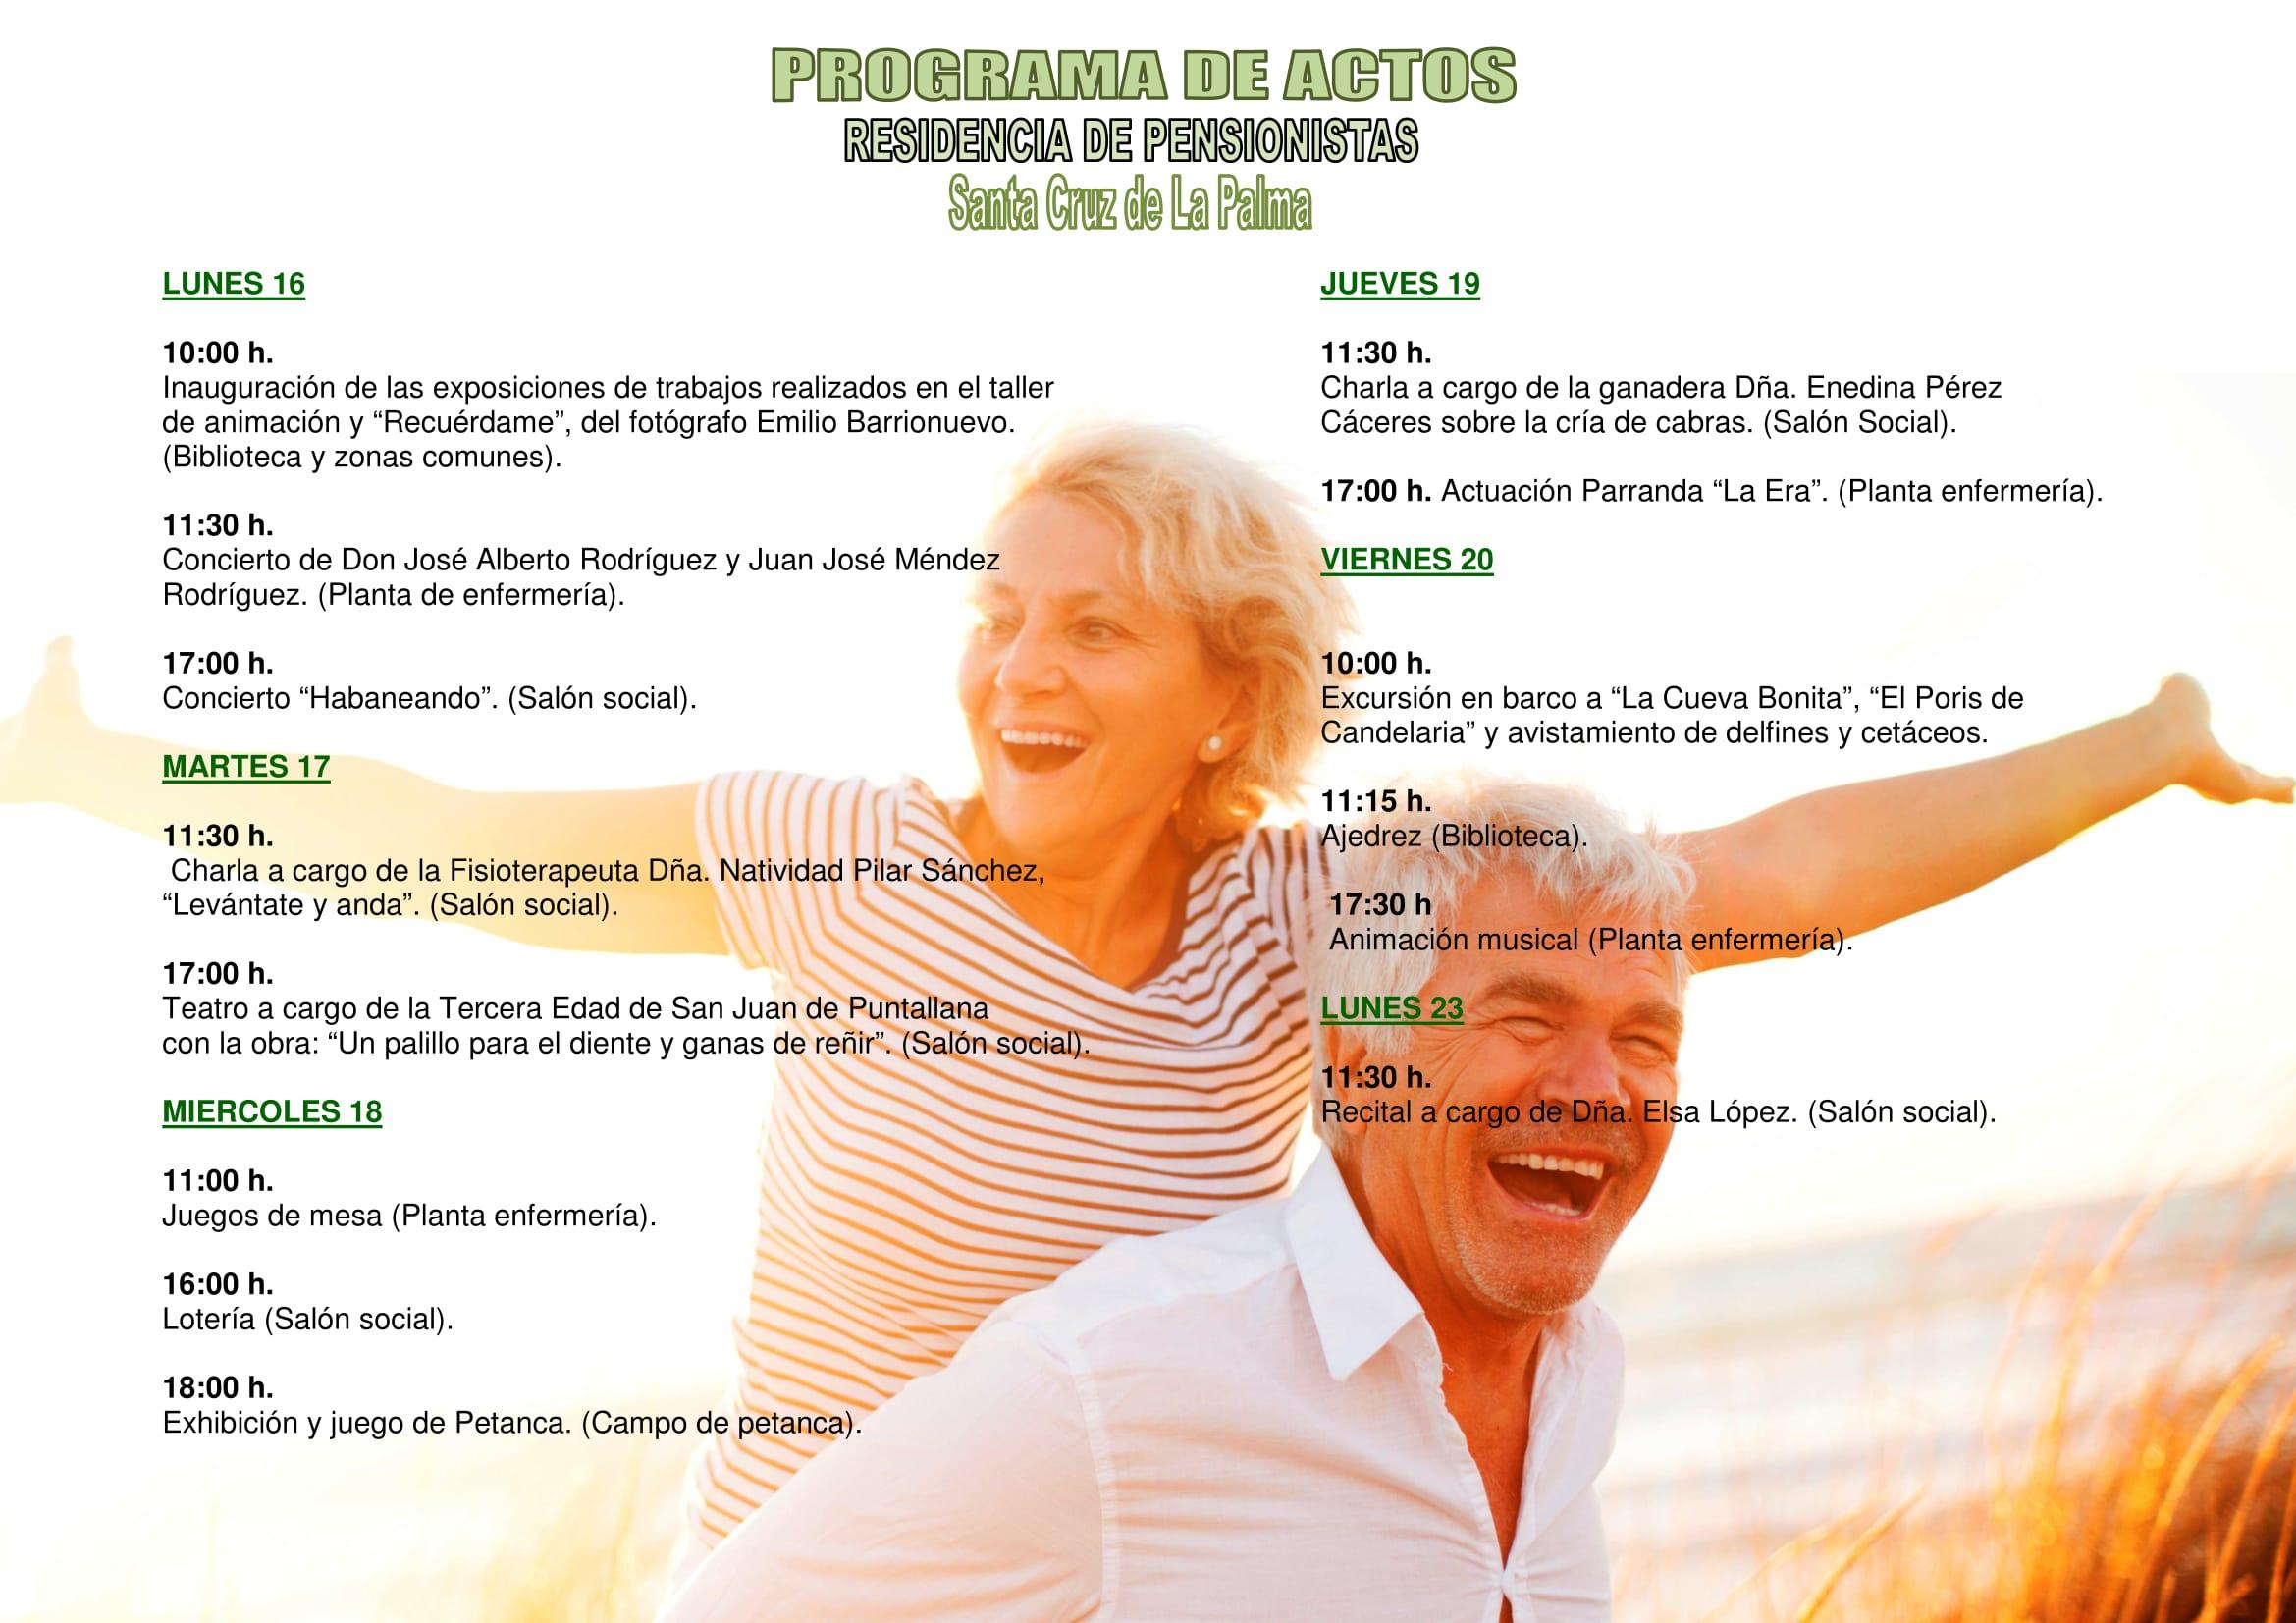 Programa Semana Mayor Residencia de Pensionistas 2017-2